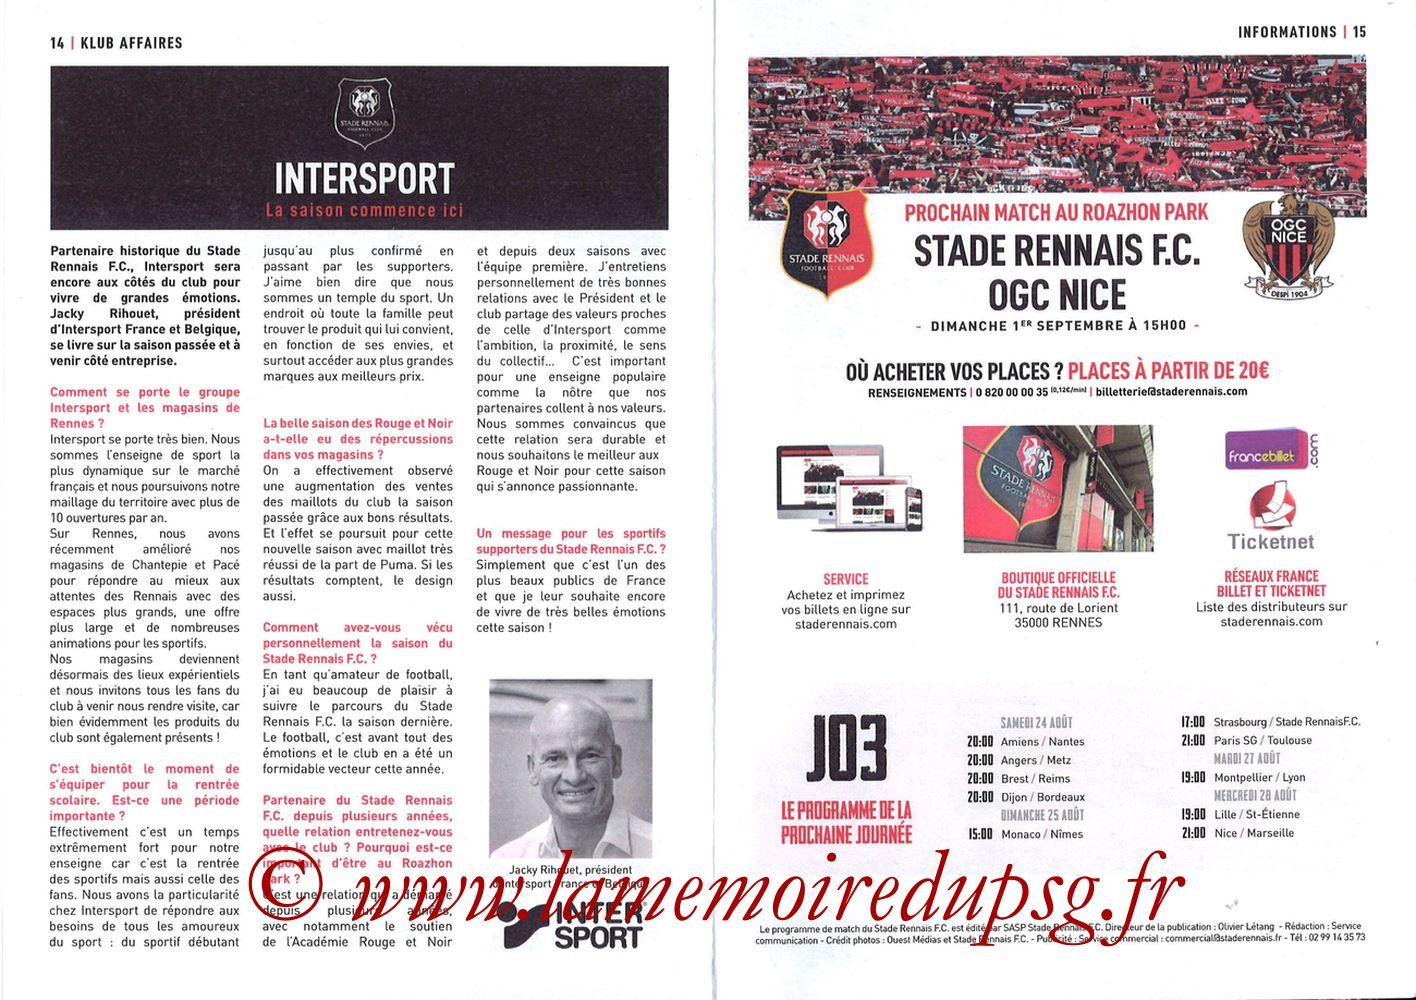 2019-08-18  Rennes-PSG (2ème L1, Programme officiel) - Pages 14 et 15